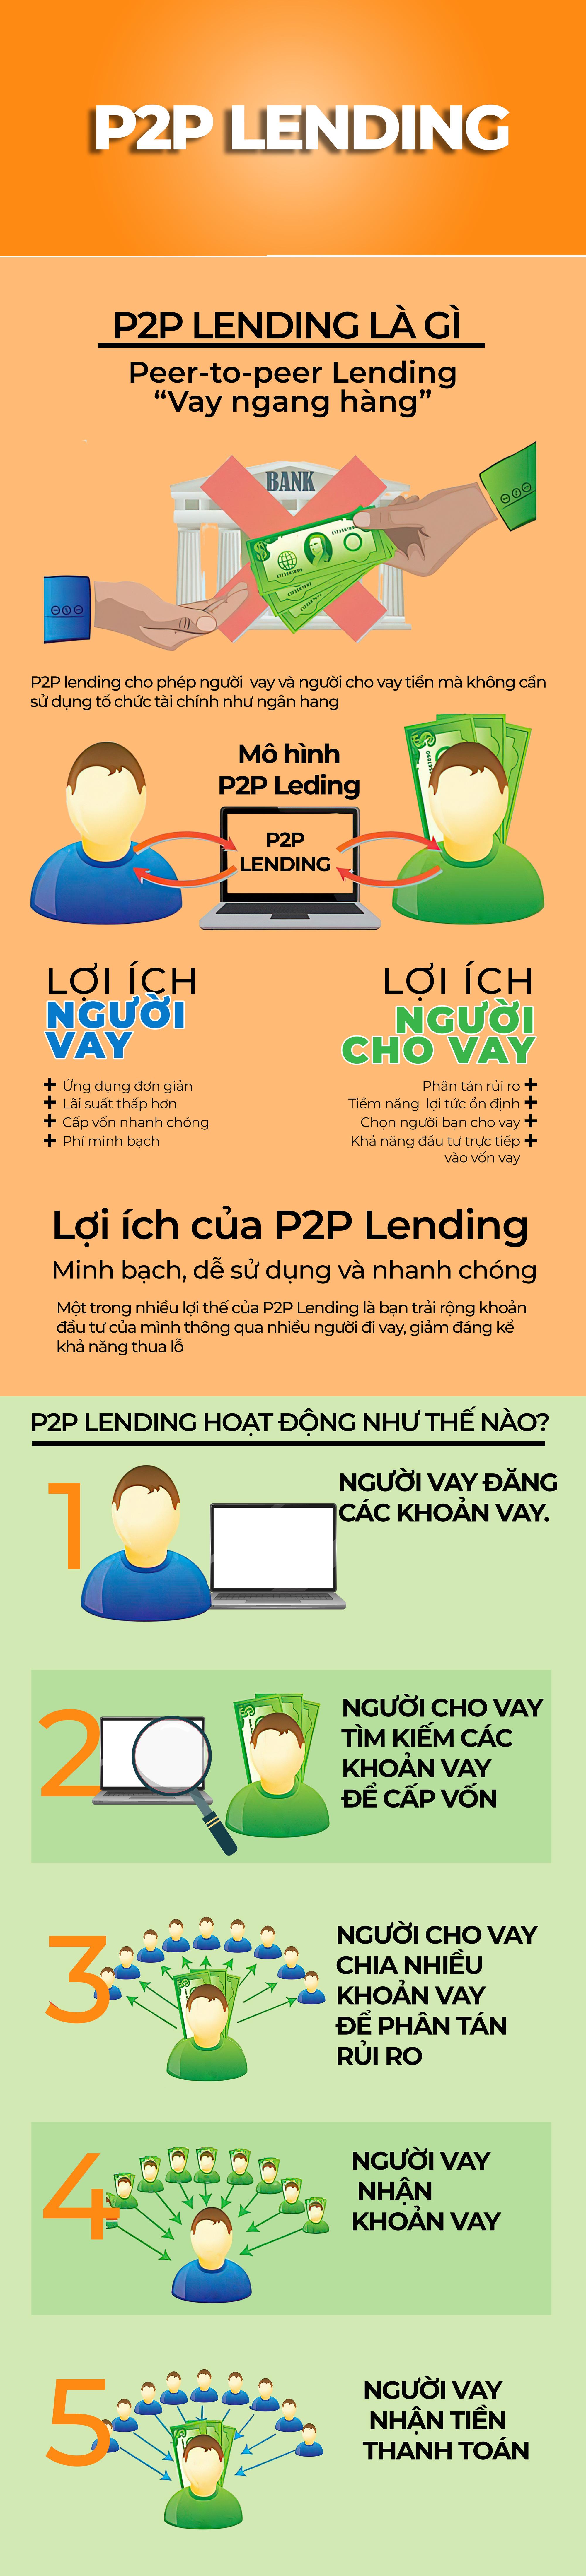 Tại sao mô hình P2P Lending lại có cơ hội tăng trưởng nhanh ở Việt Nam? - Ảnh 2.